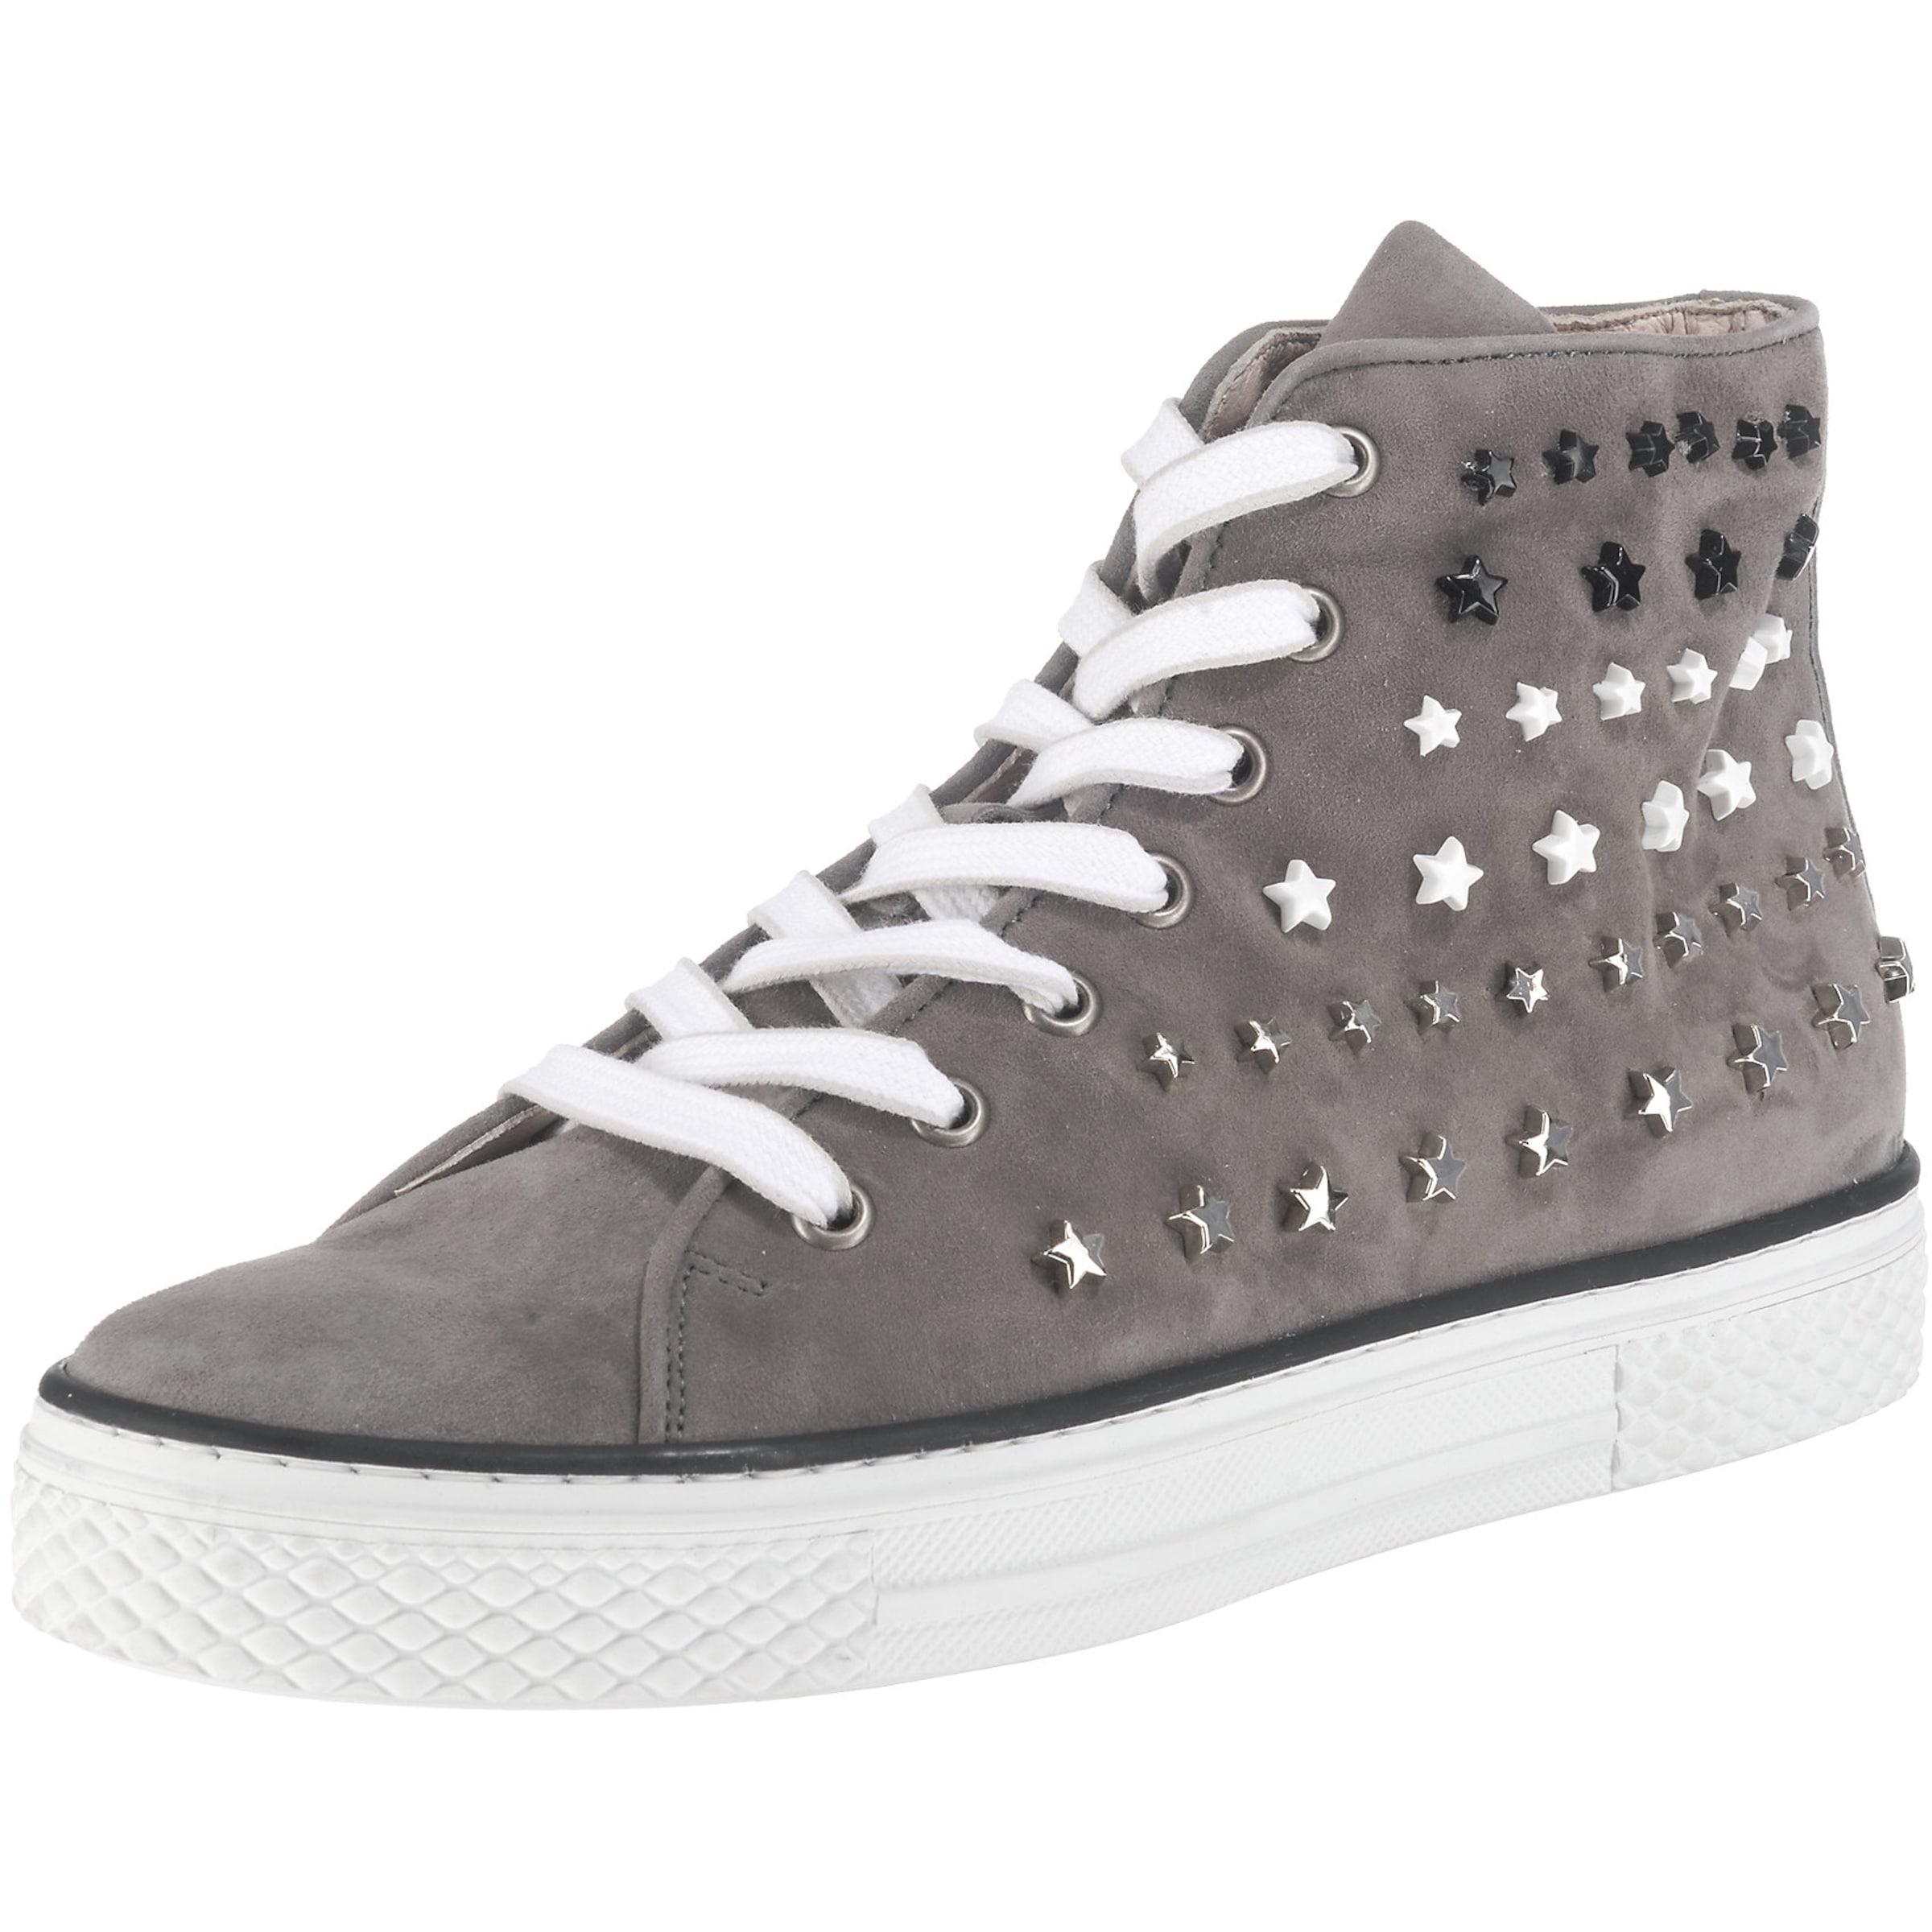 MJUS Diamante Sneakers High Billig Verkauf Sast LpELW7